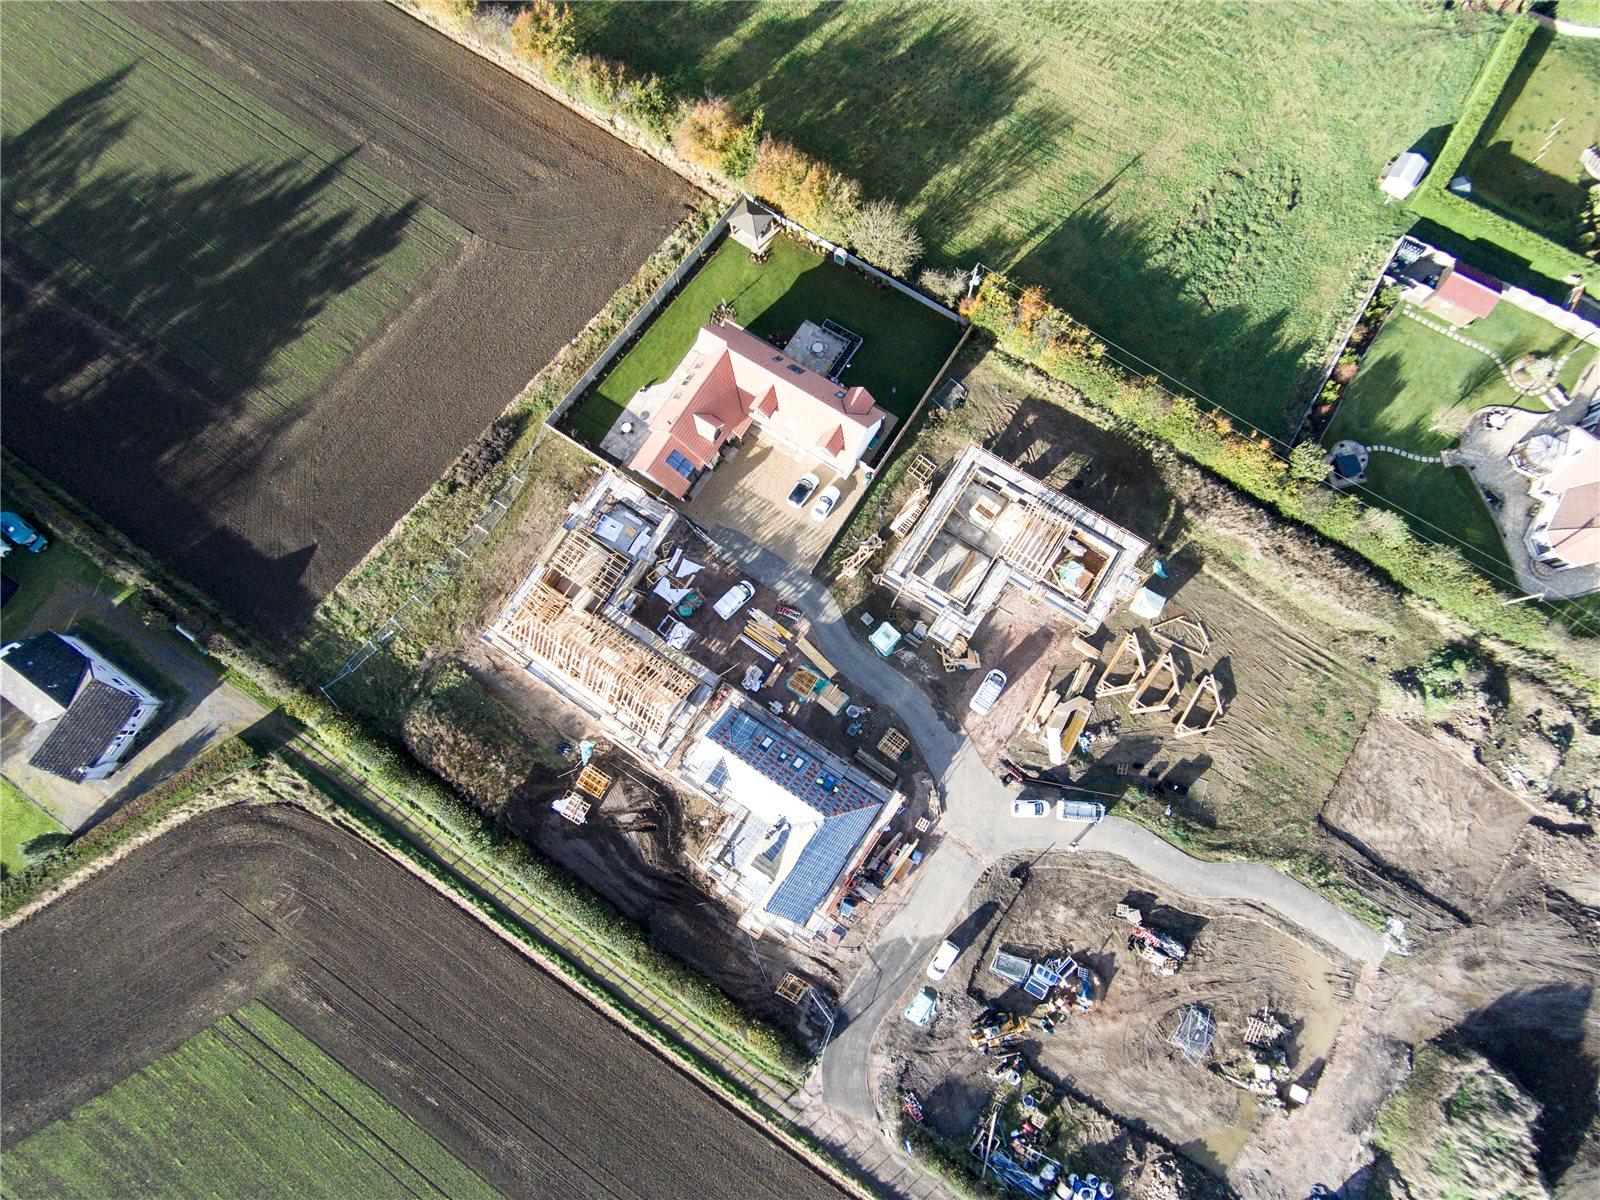 5 Bedrooms Detached House for sale in Beley Bridge House 2, Beley Bridge, St. Andrews, Fife, KY16